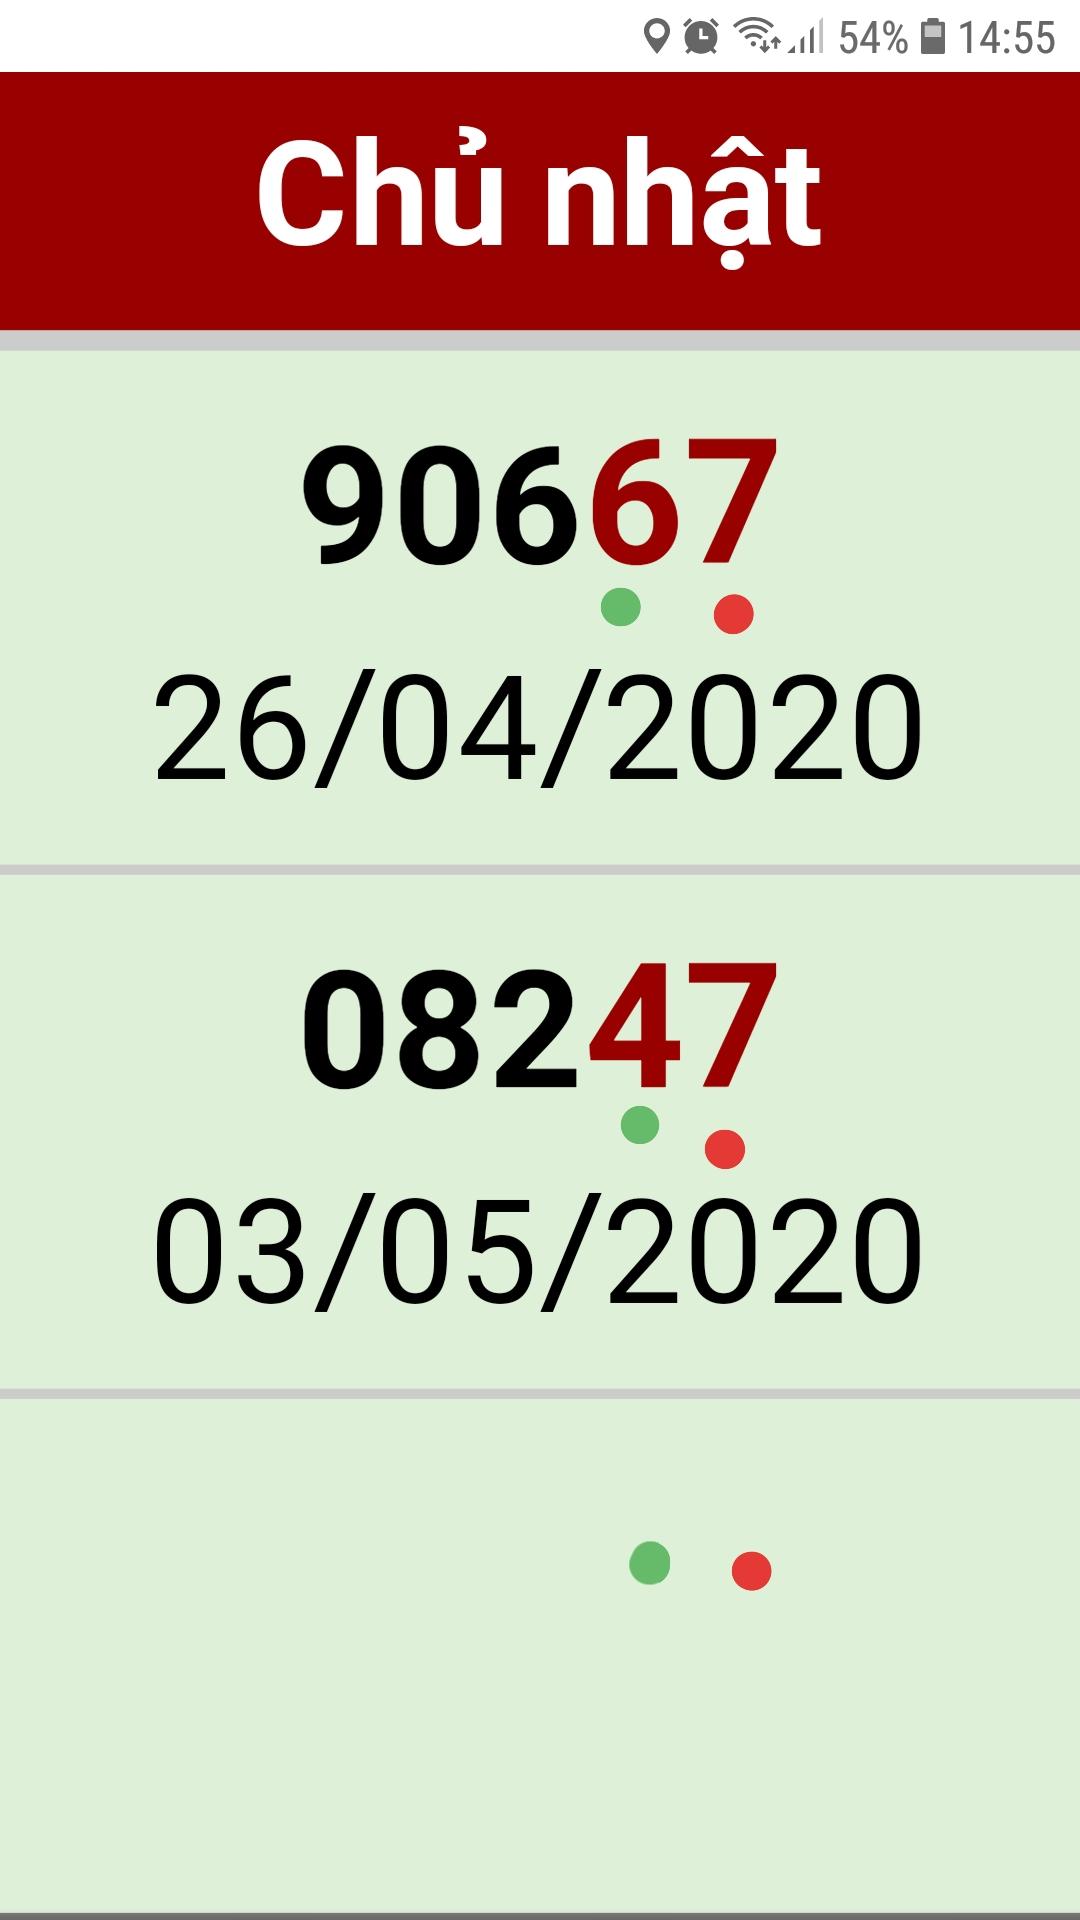 20200510_145624.jpg